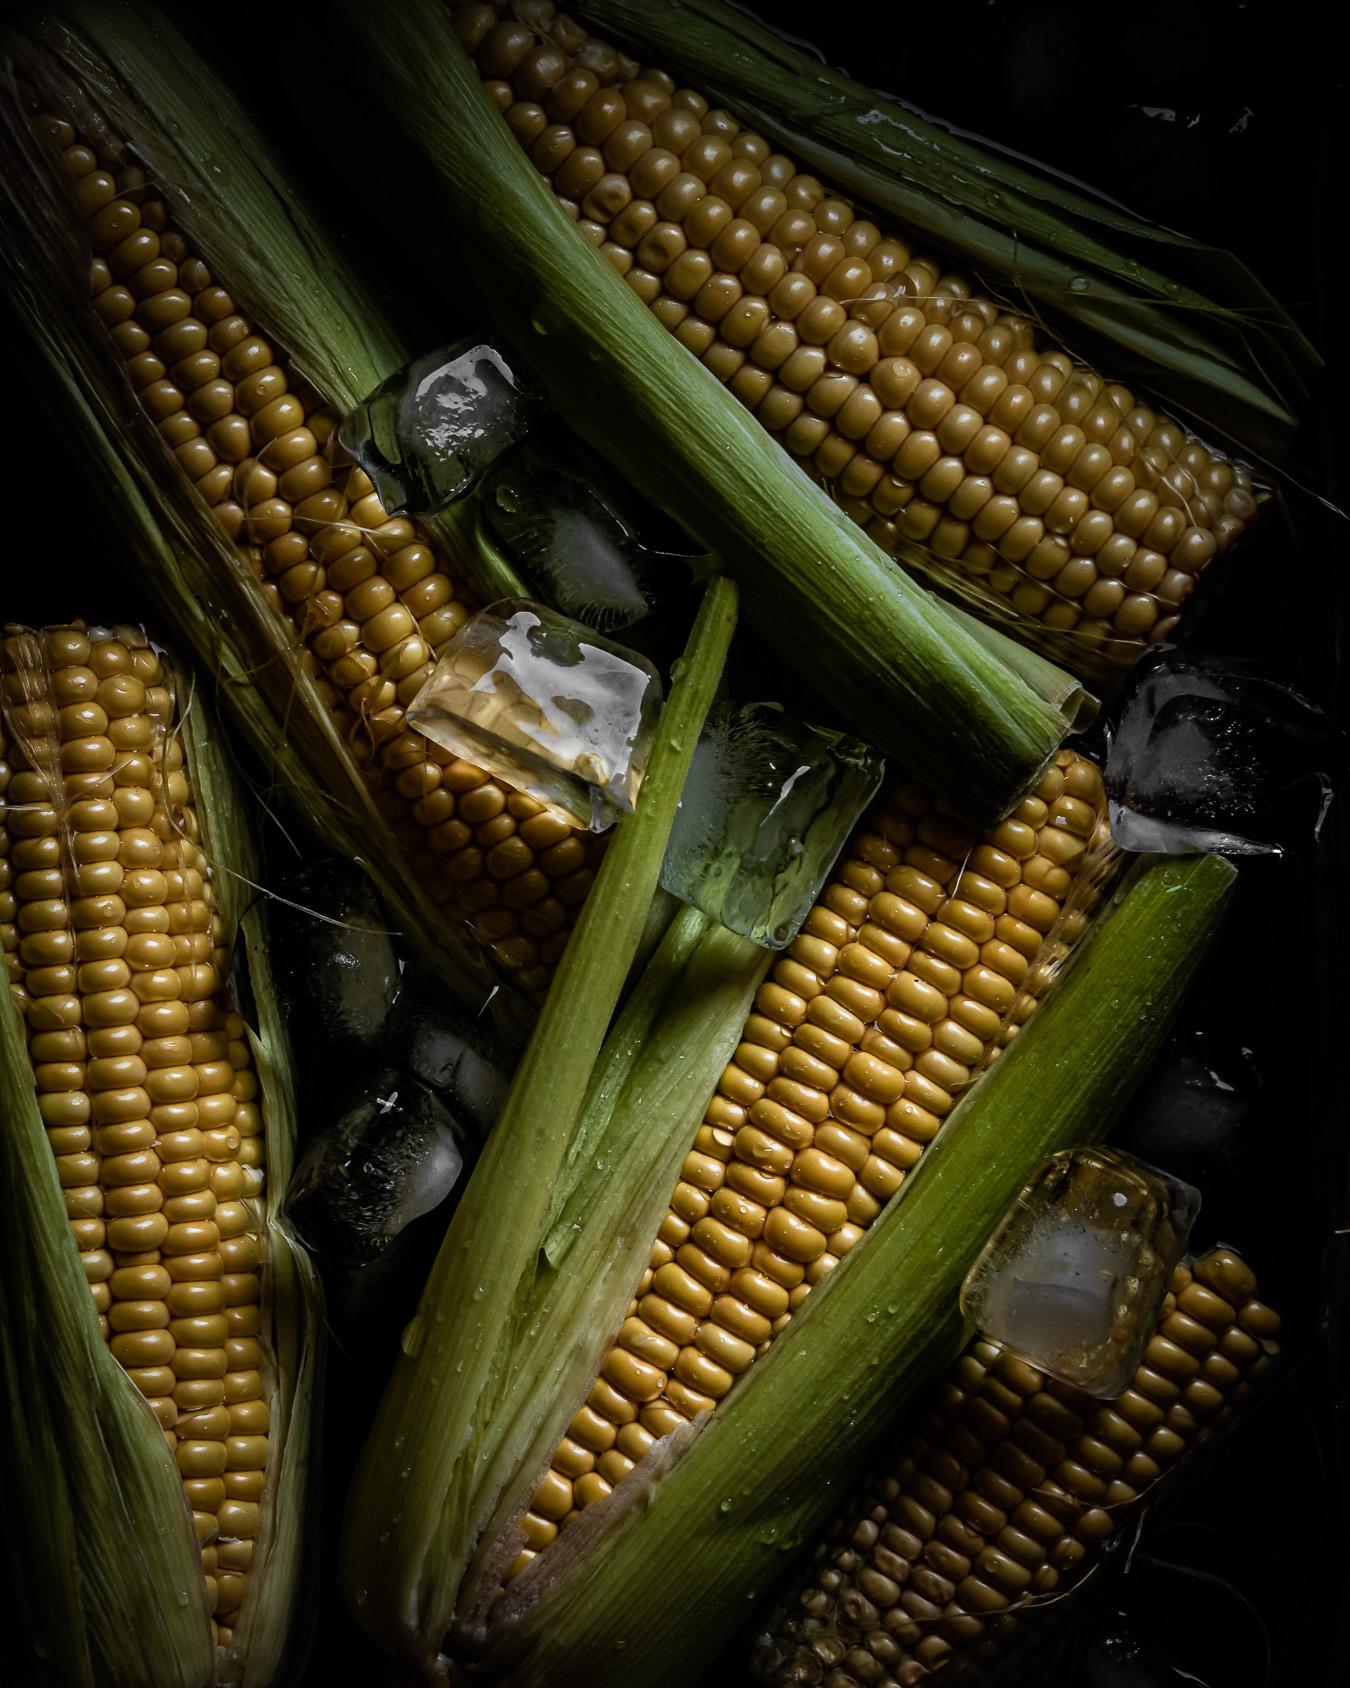 maissintähkä